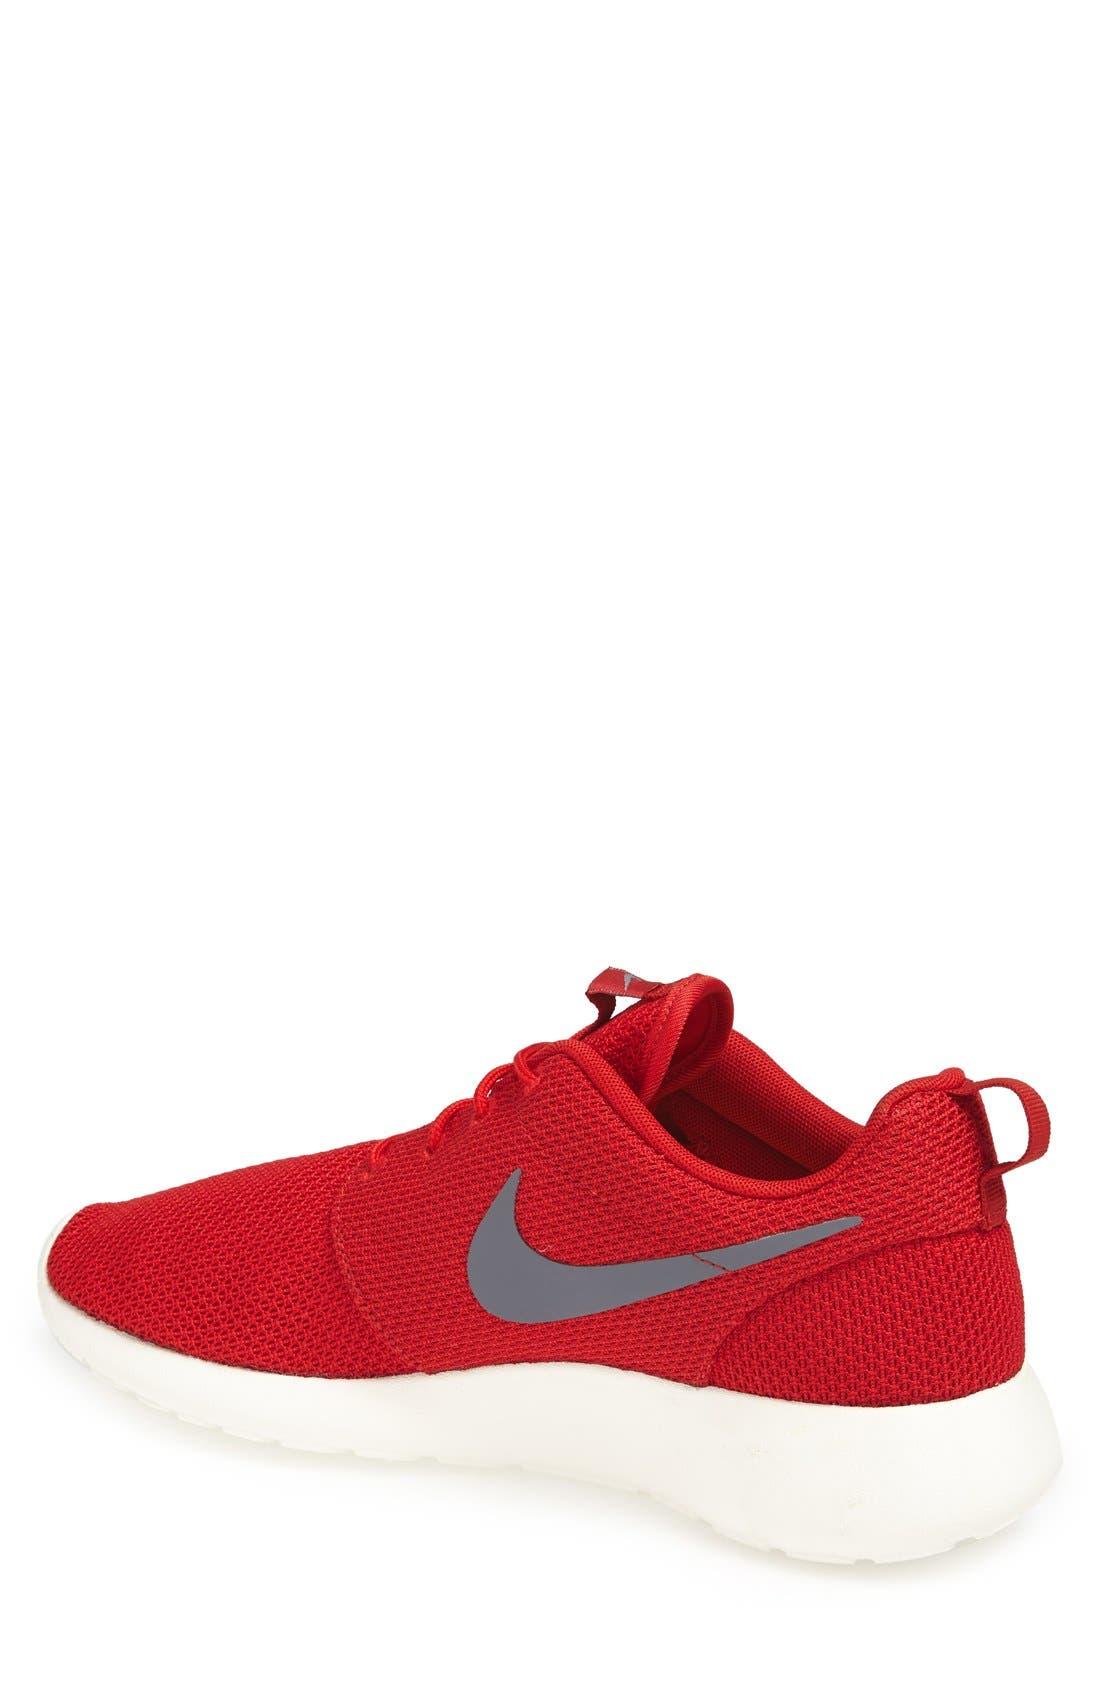 ,                             'Roshe Run' Sneaker,                             Alternate thumbnail 125, color,                             601